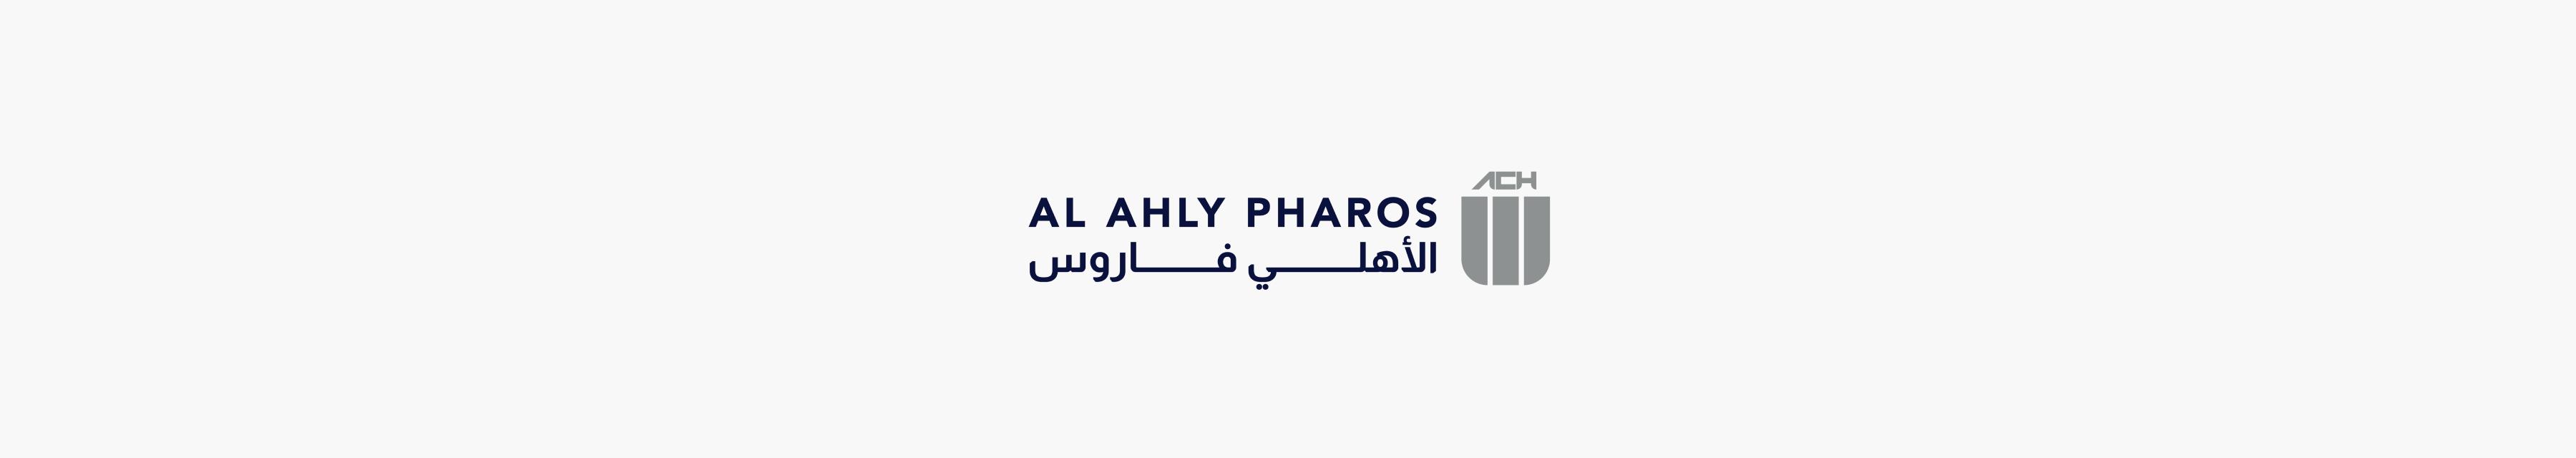 Al Ahly Pharos Securities Brokerage